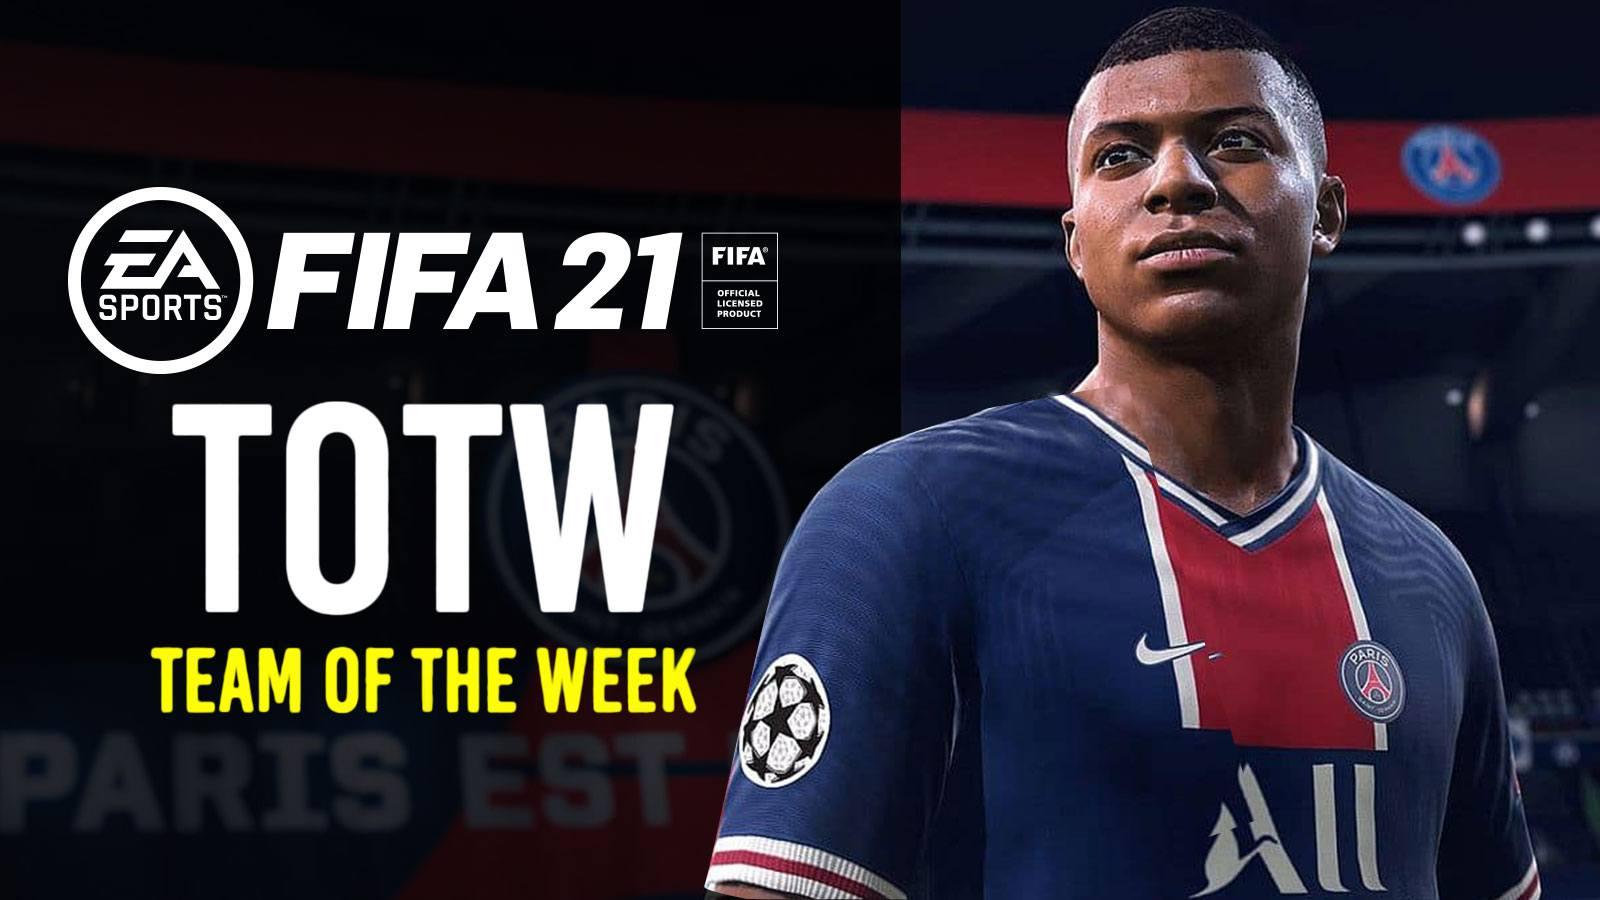 Mbappe sur FIFA 21